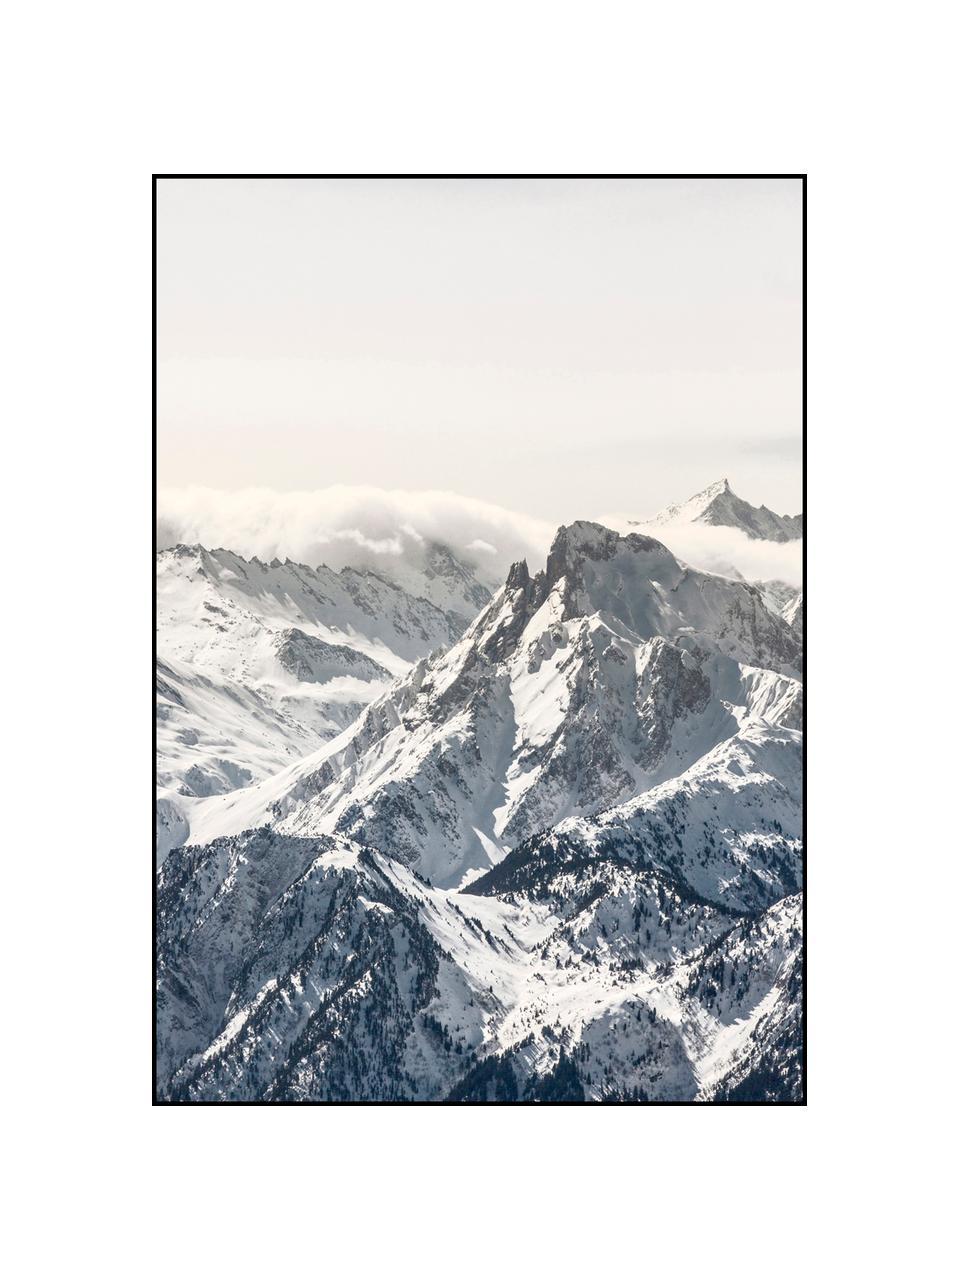 Impression numérique encadrée White Mountain, Noir, blanc, gris